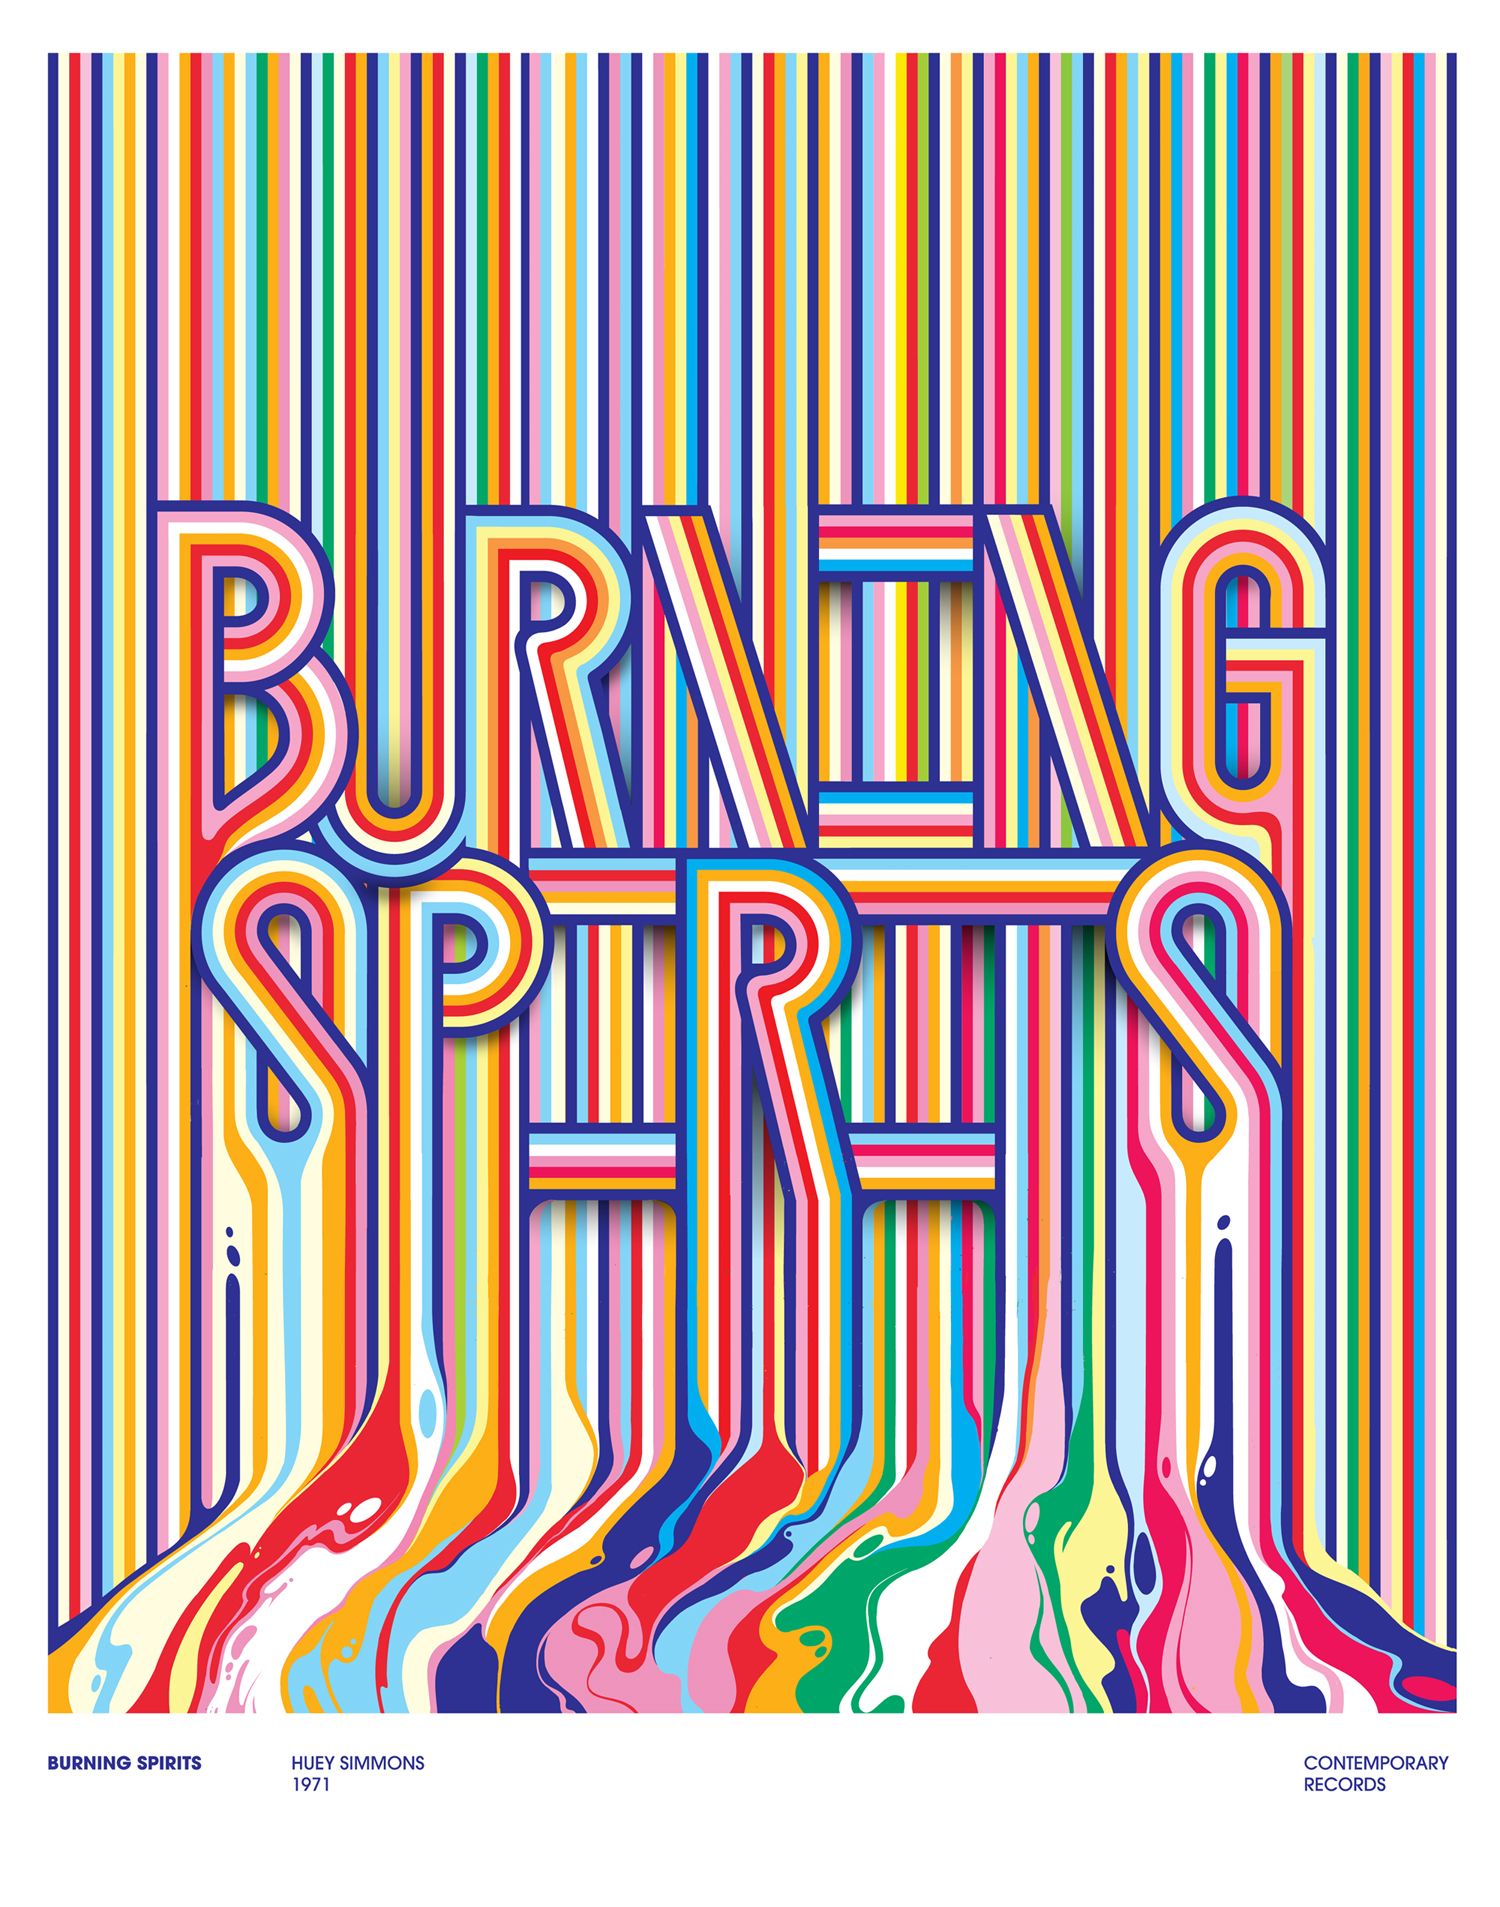 Burning Spirits